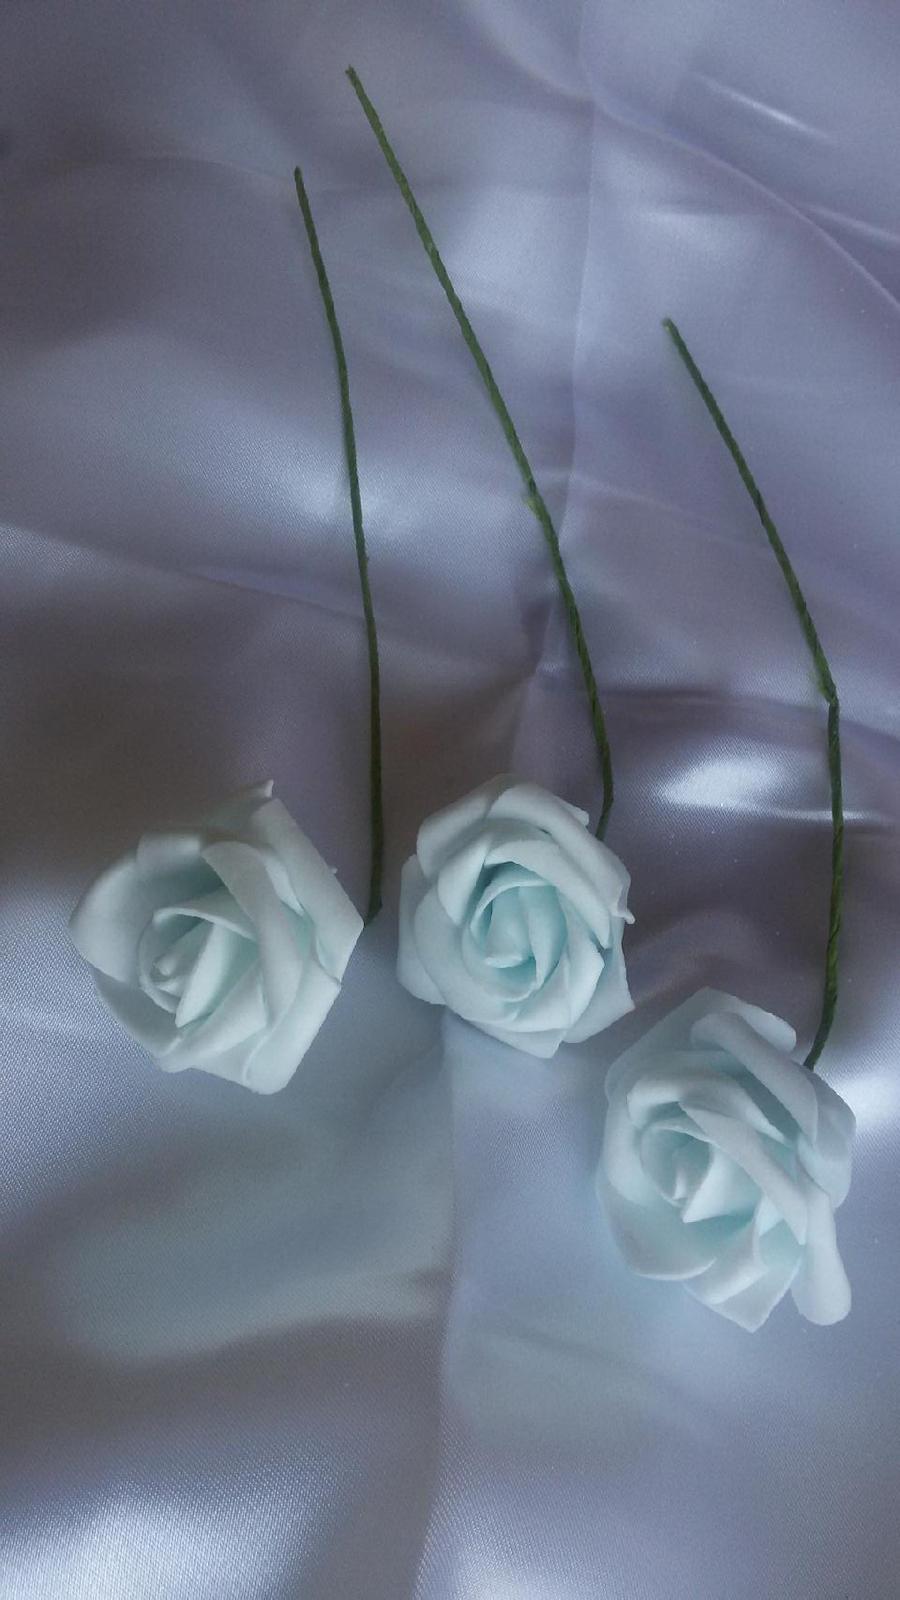 Pěnové růže - Obrázek č. 2